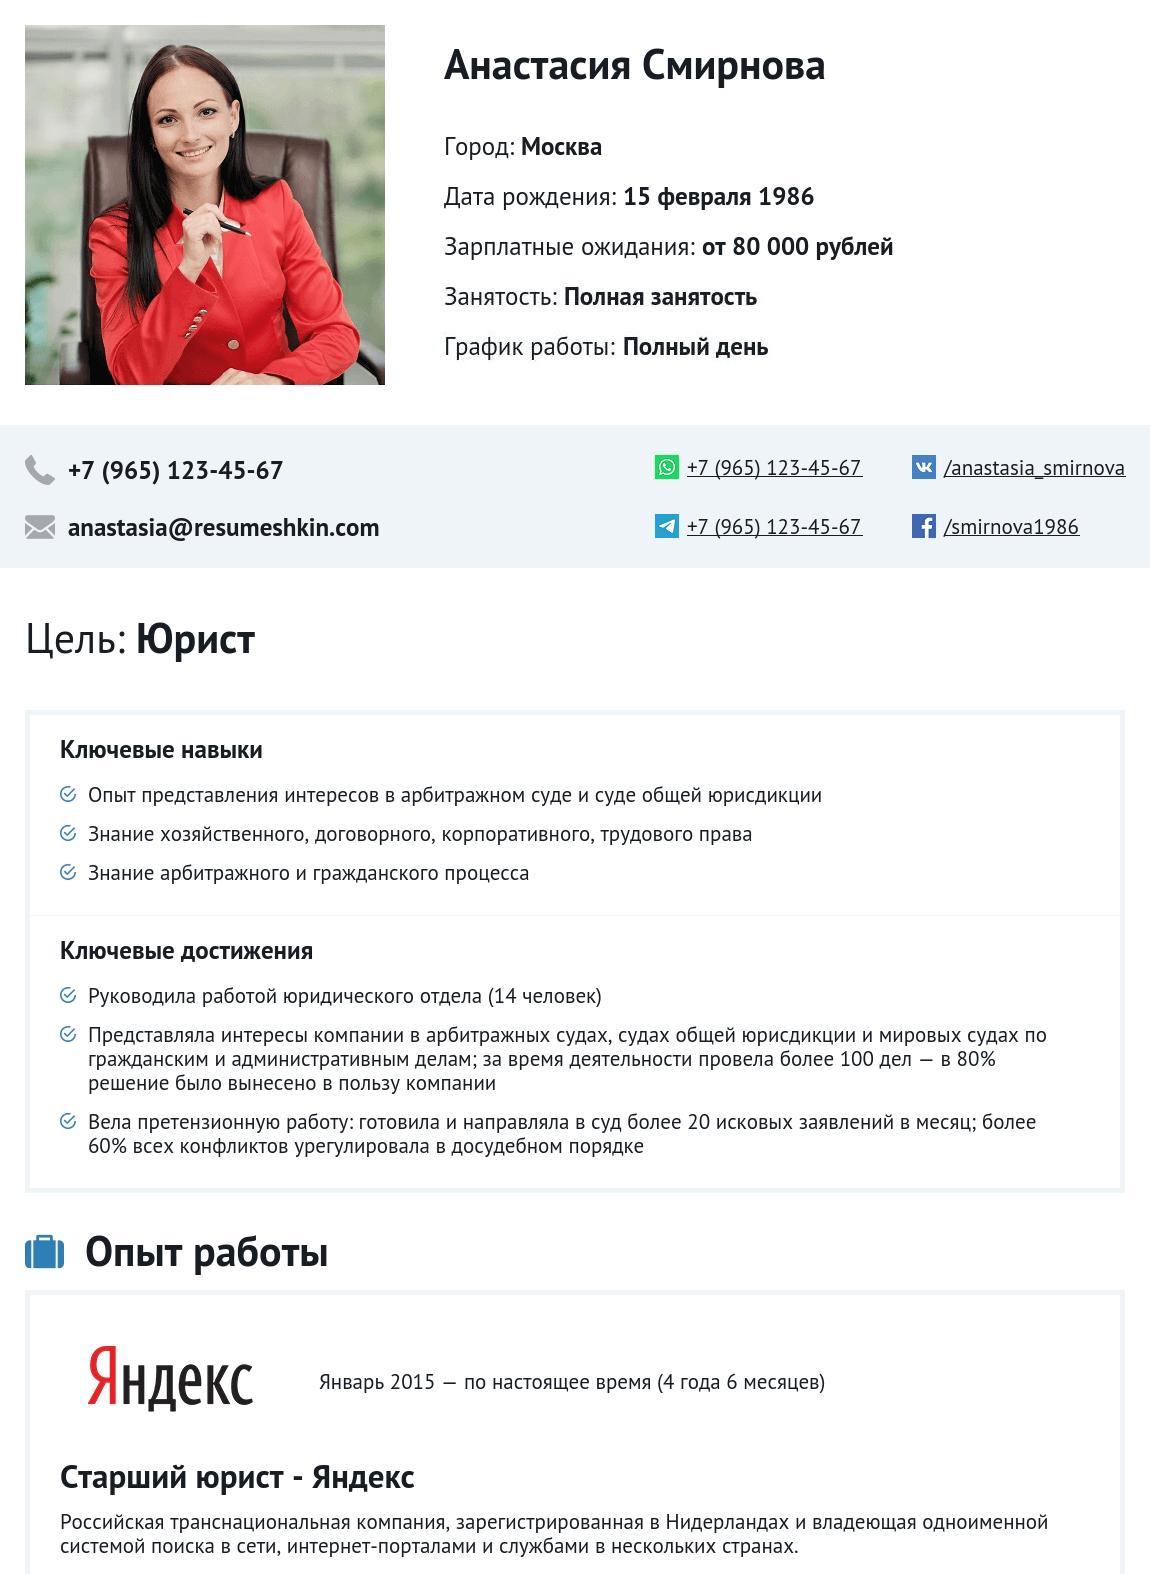 Работа в москве для девушек с резюме работа на севере девушка